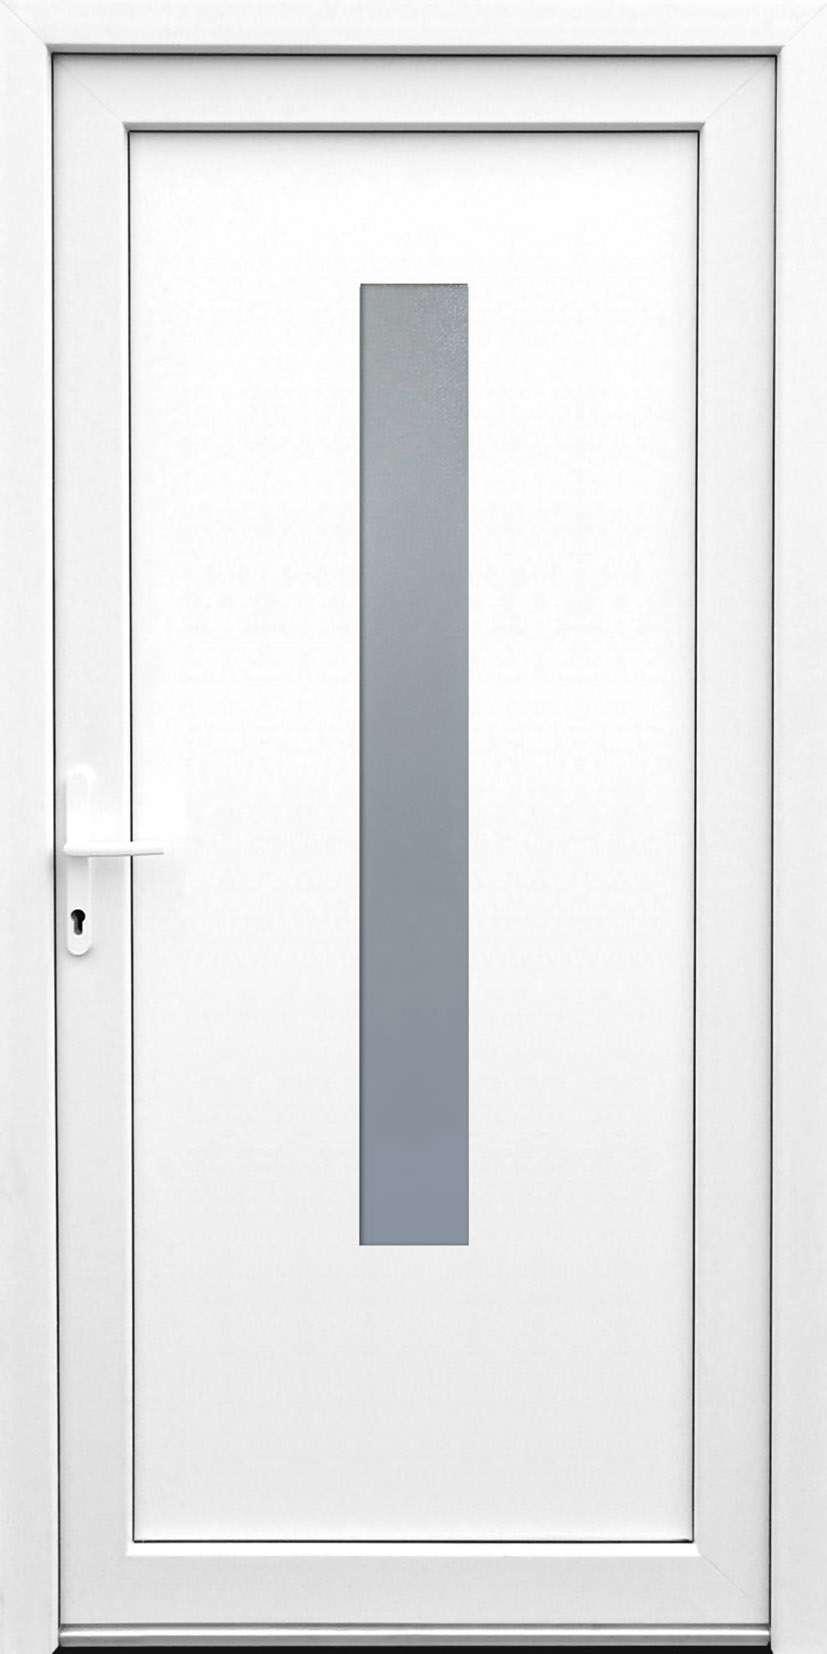 Standardmaß haustür  Kunststoff-Nebeneingangstür K506 - Standardmaß - DIN rechts ...